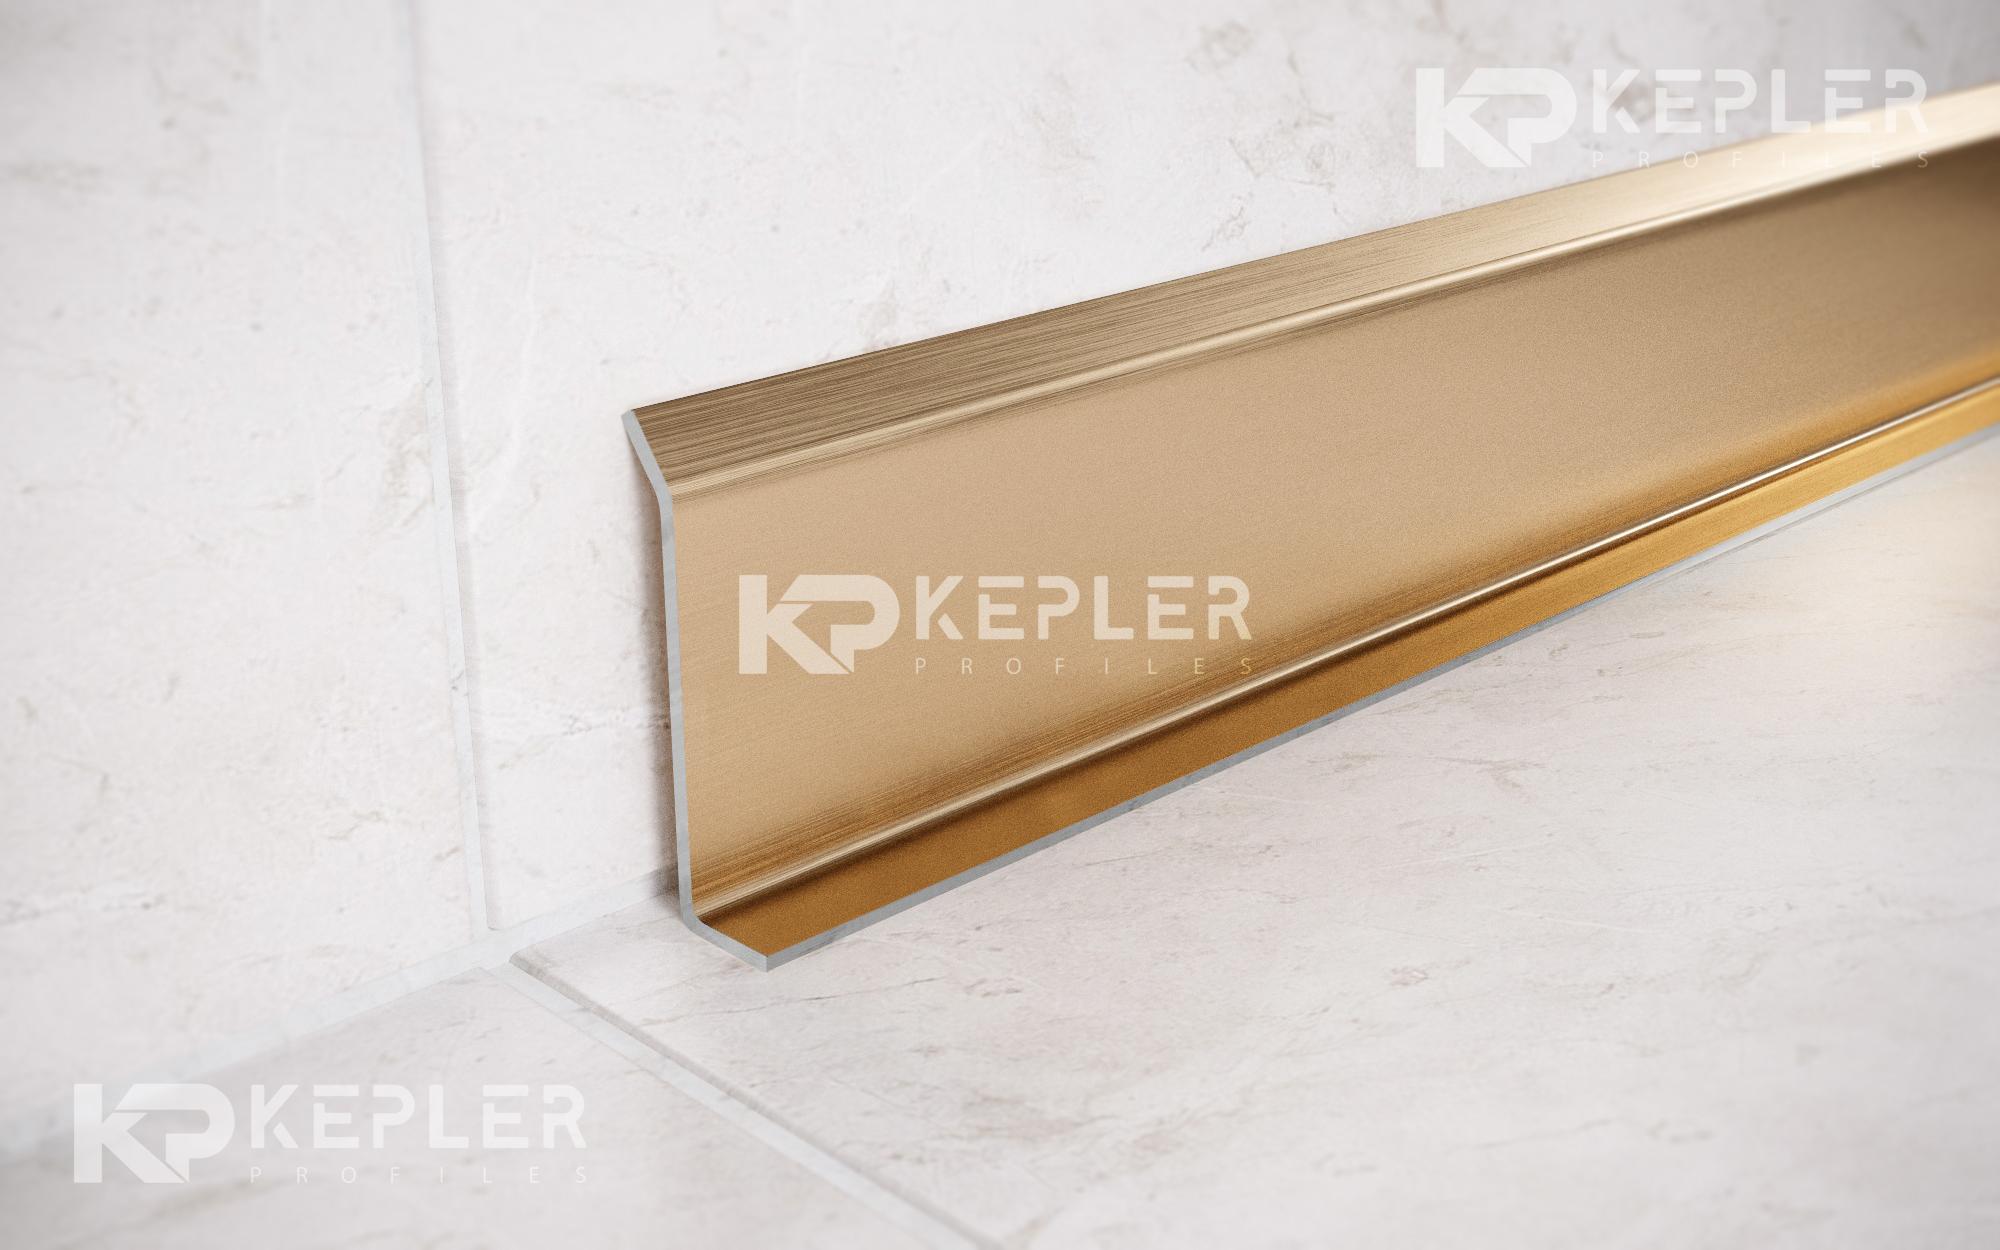 ПЛИНТУС ИЗ НЕРЖАВЕЮЩЕЙ СТАЛИ НАПОЛЬНЫЙ ШИРИНОЙ 60 ММ FiL 60 Kepler profiles